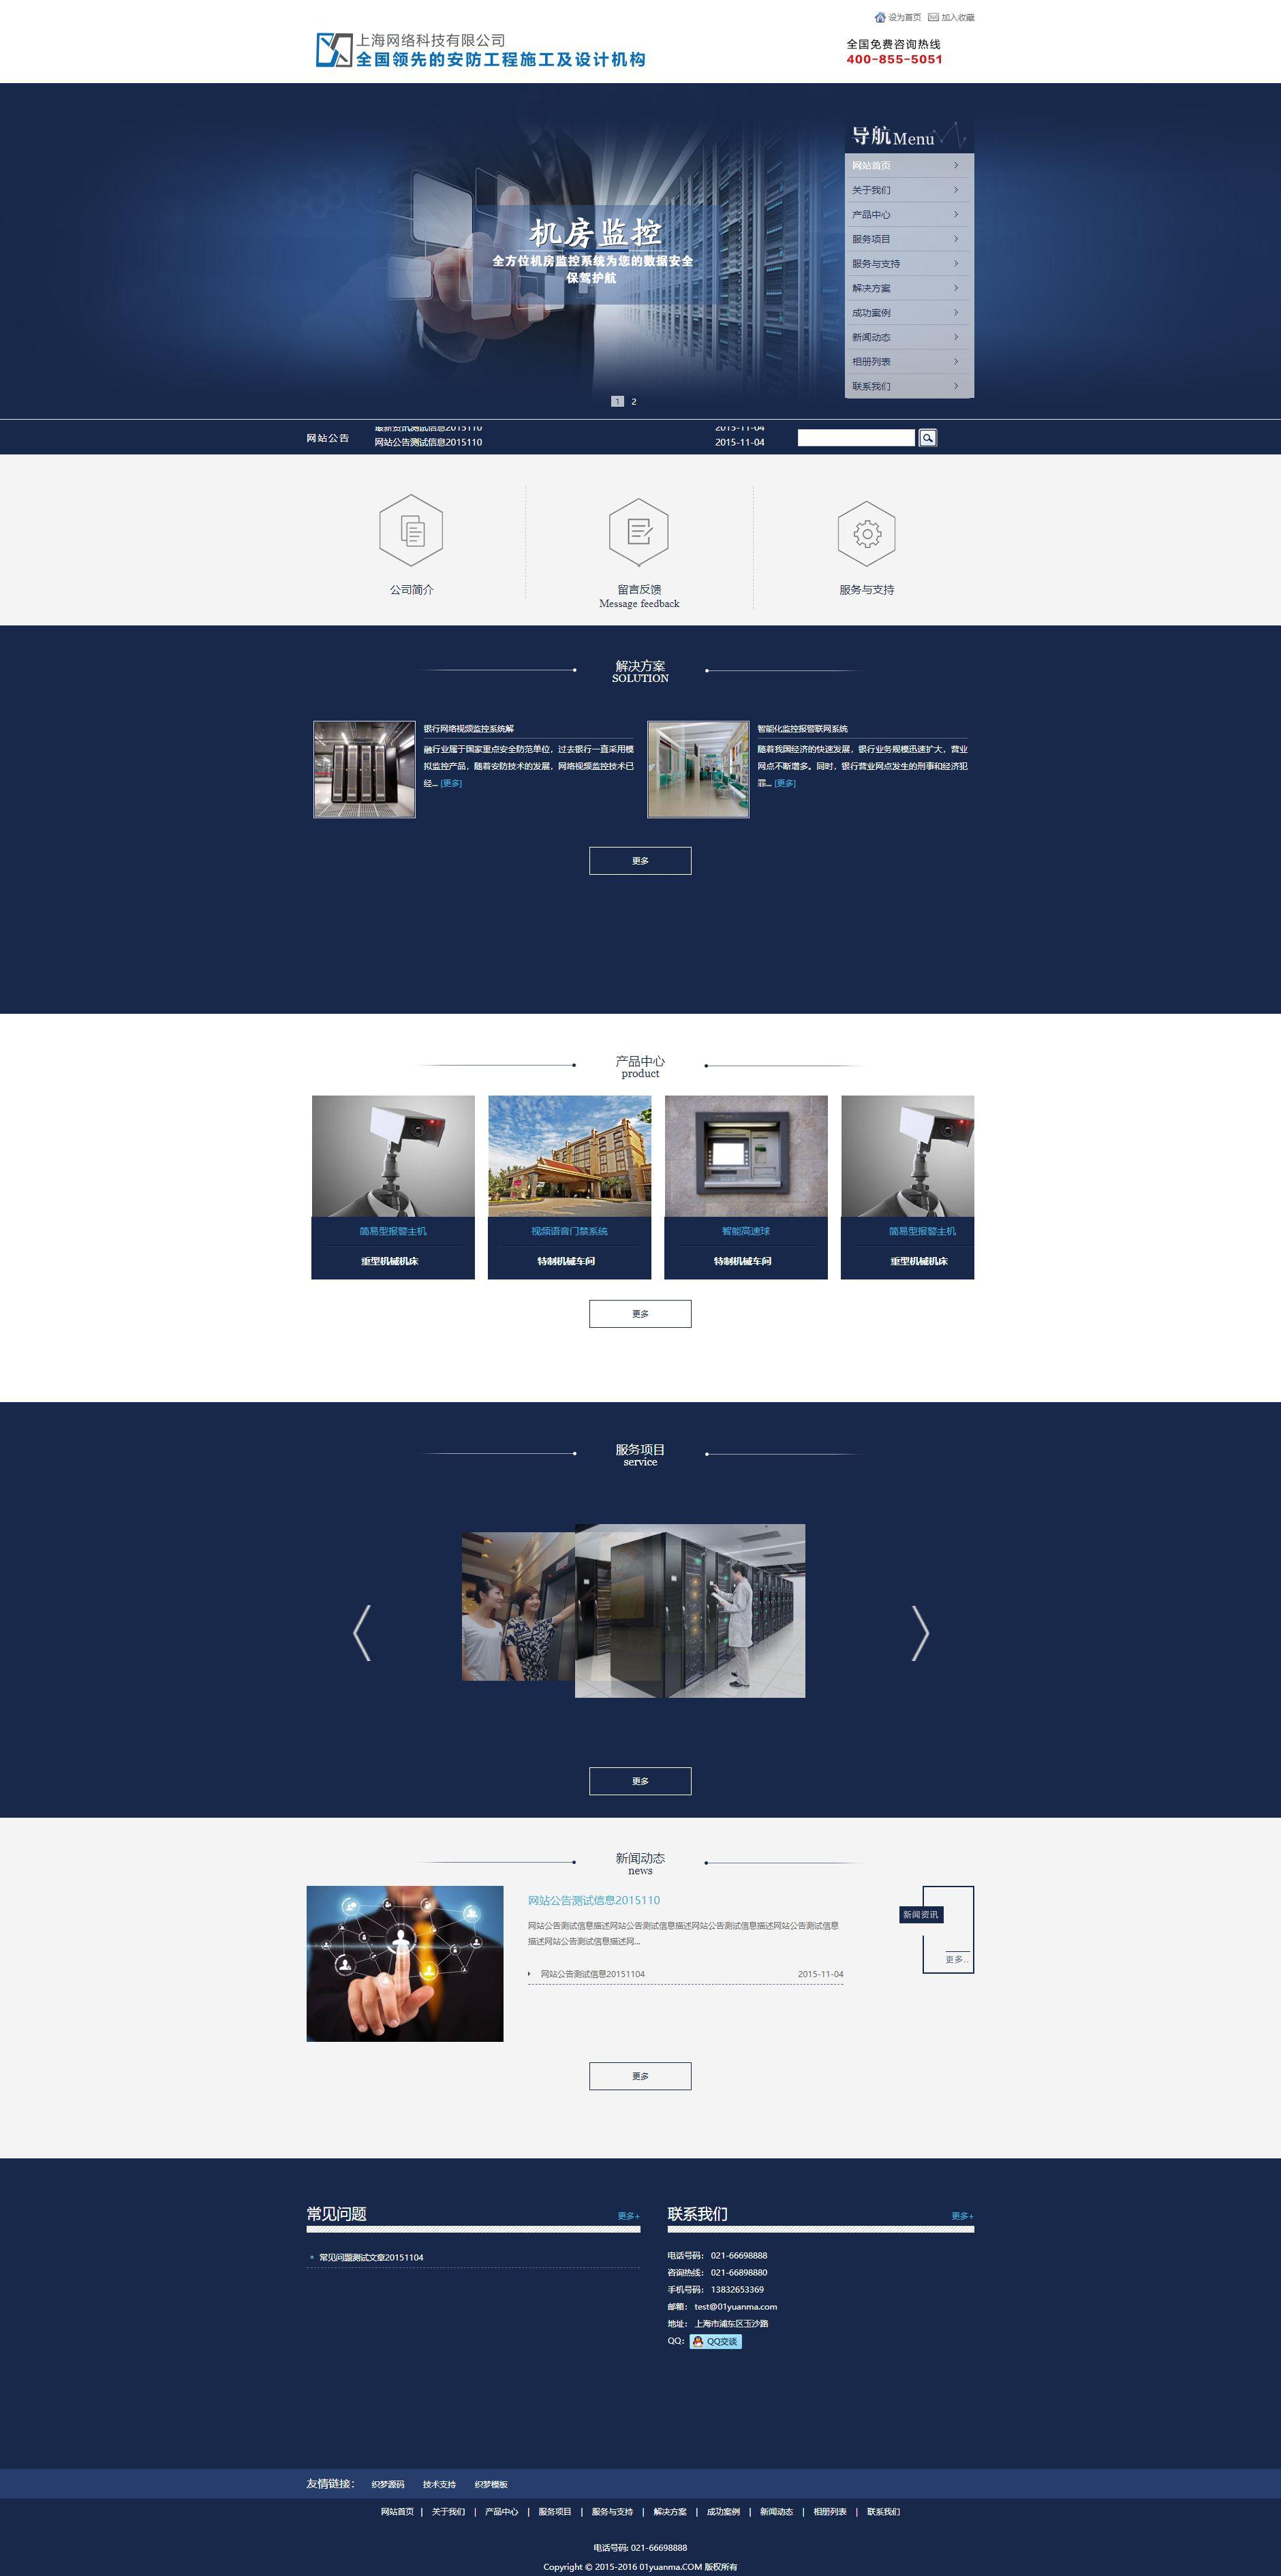 电子监控机械电子类企业网站织梦dedecms模板